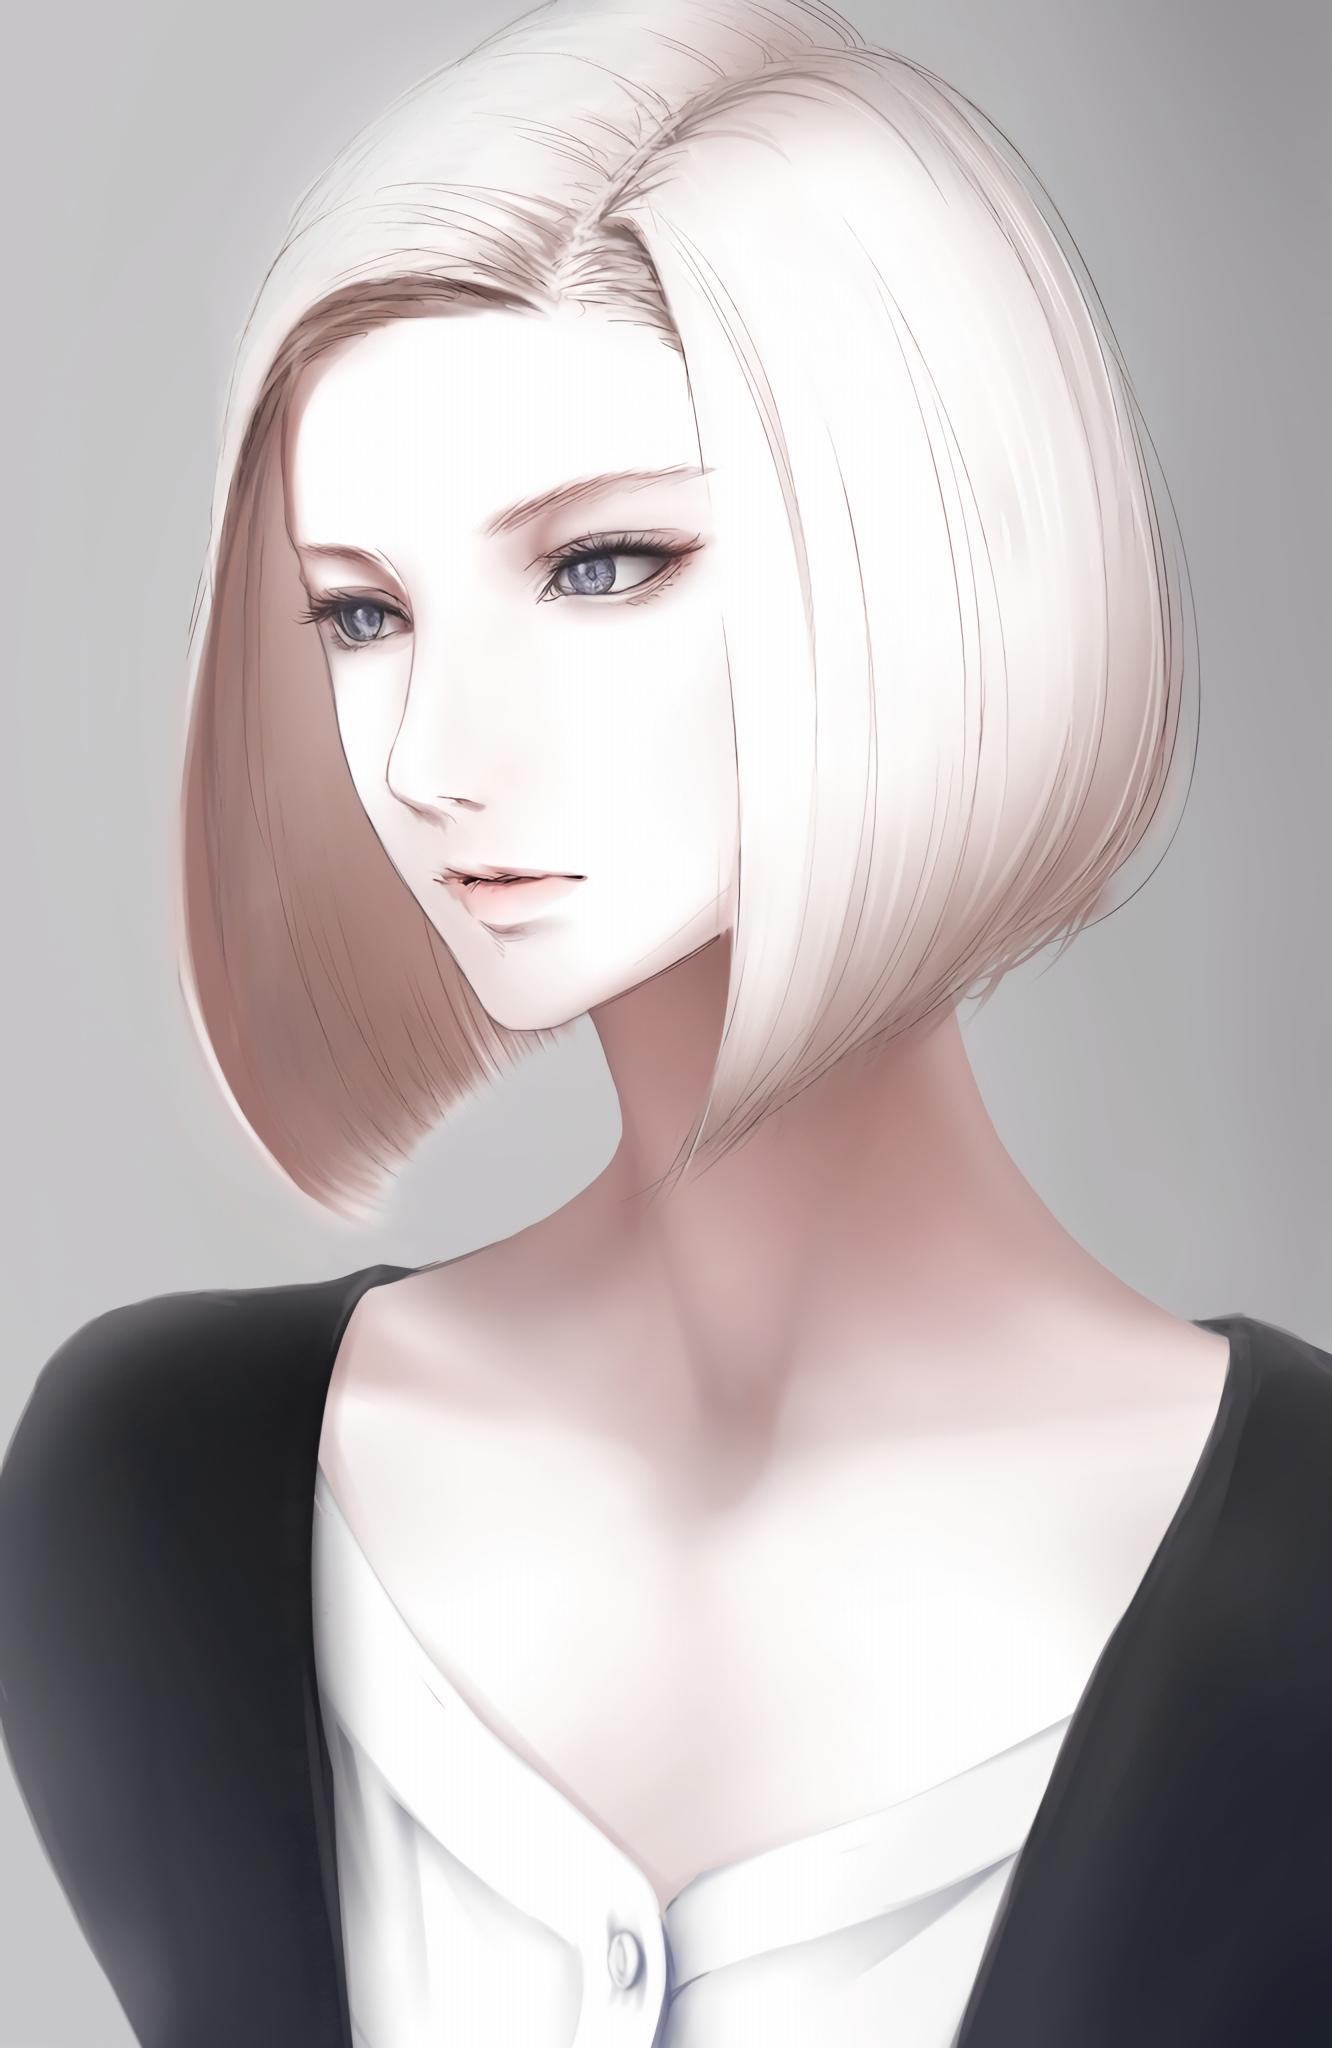 Wallpaper : face, long hair, white hair, anime girls, short ...